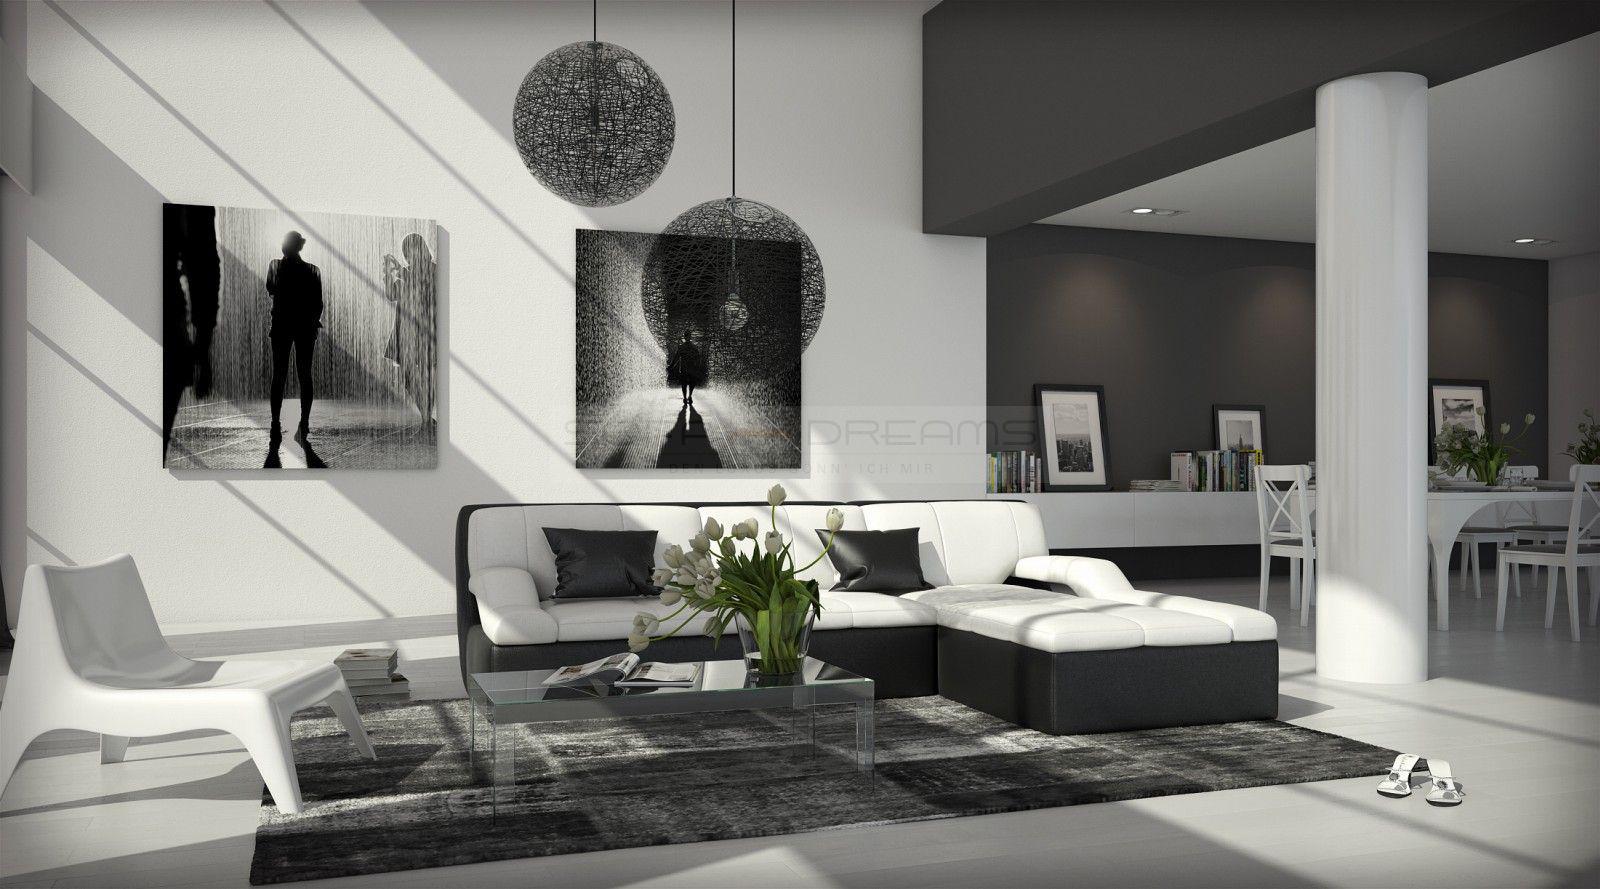 ledersofa guevara l form kaufen bei pmr handelsgesellschaft mbh. Black Bedroom Furniture Sets. Home Design Ideas